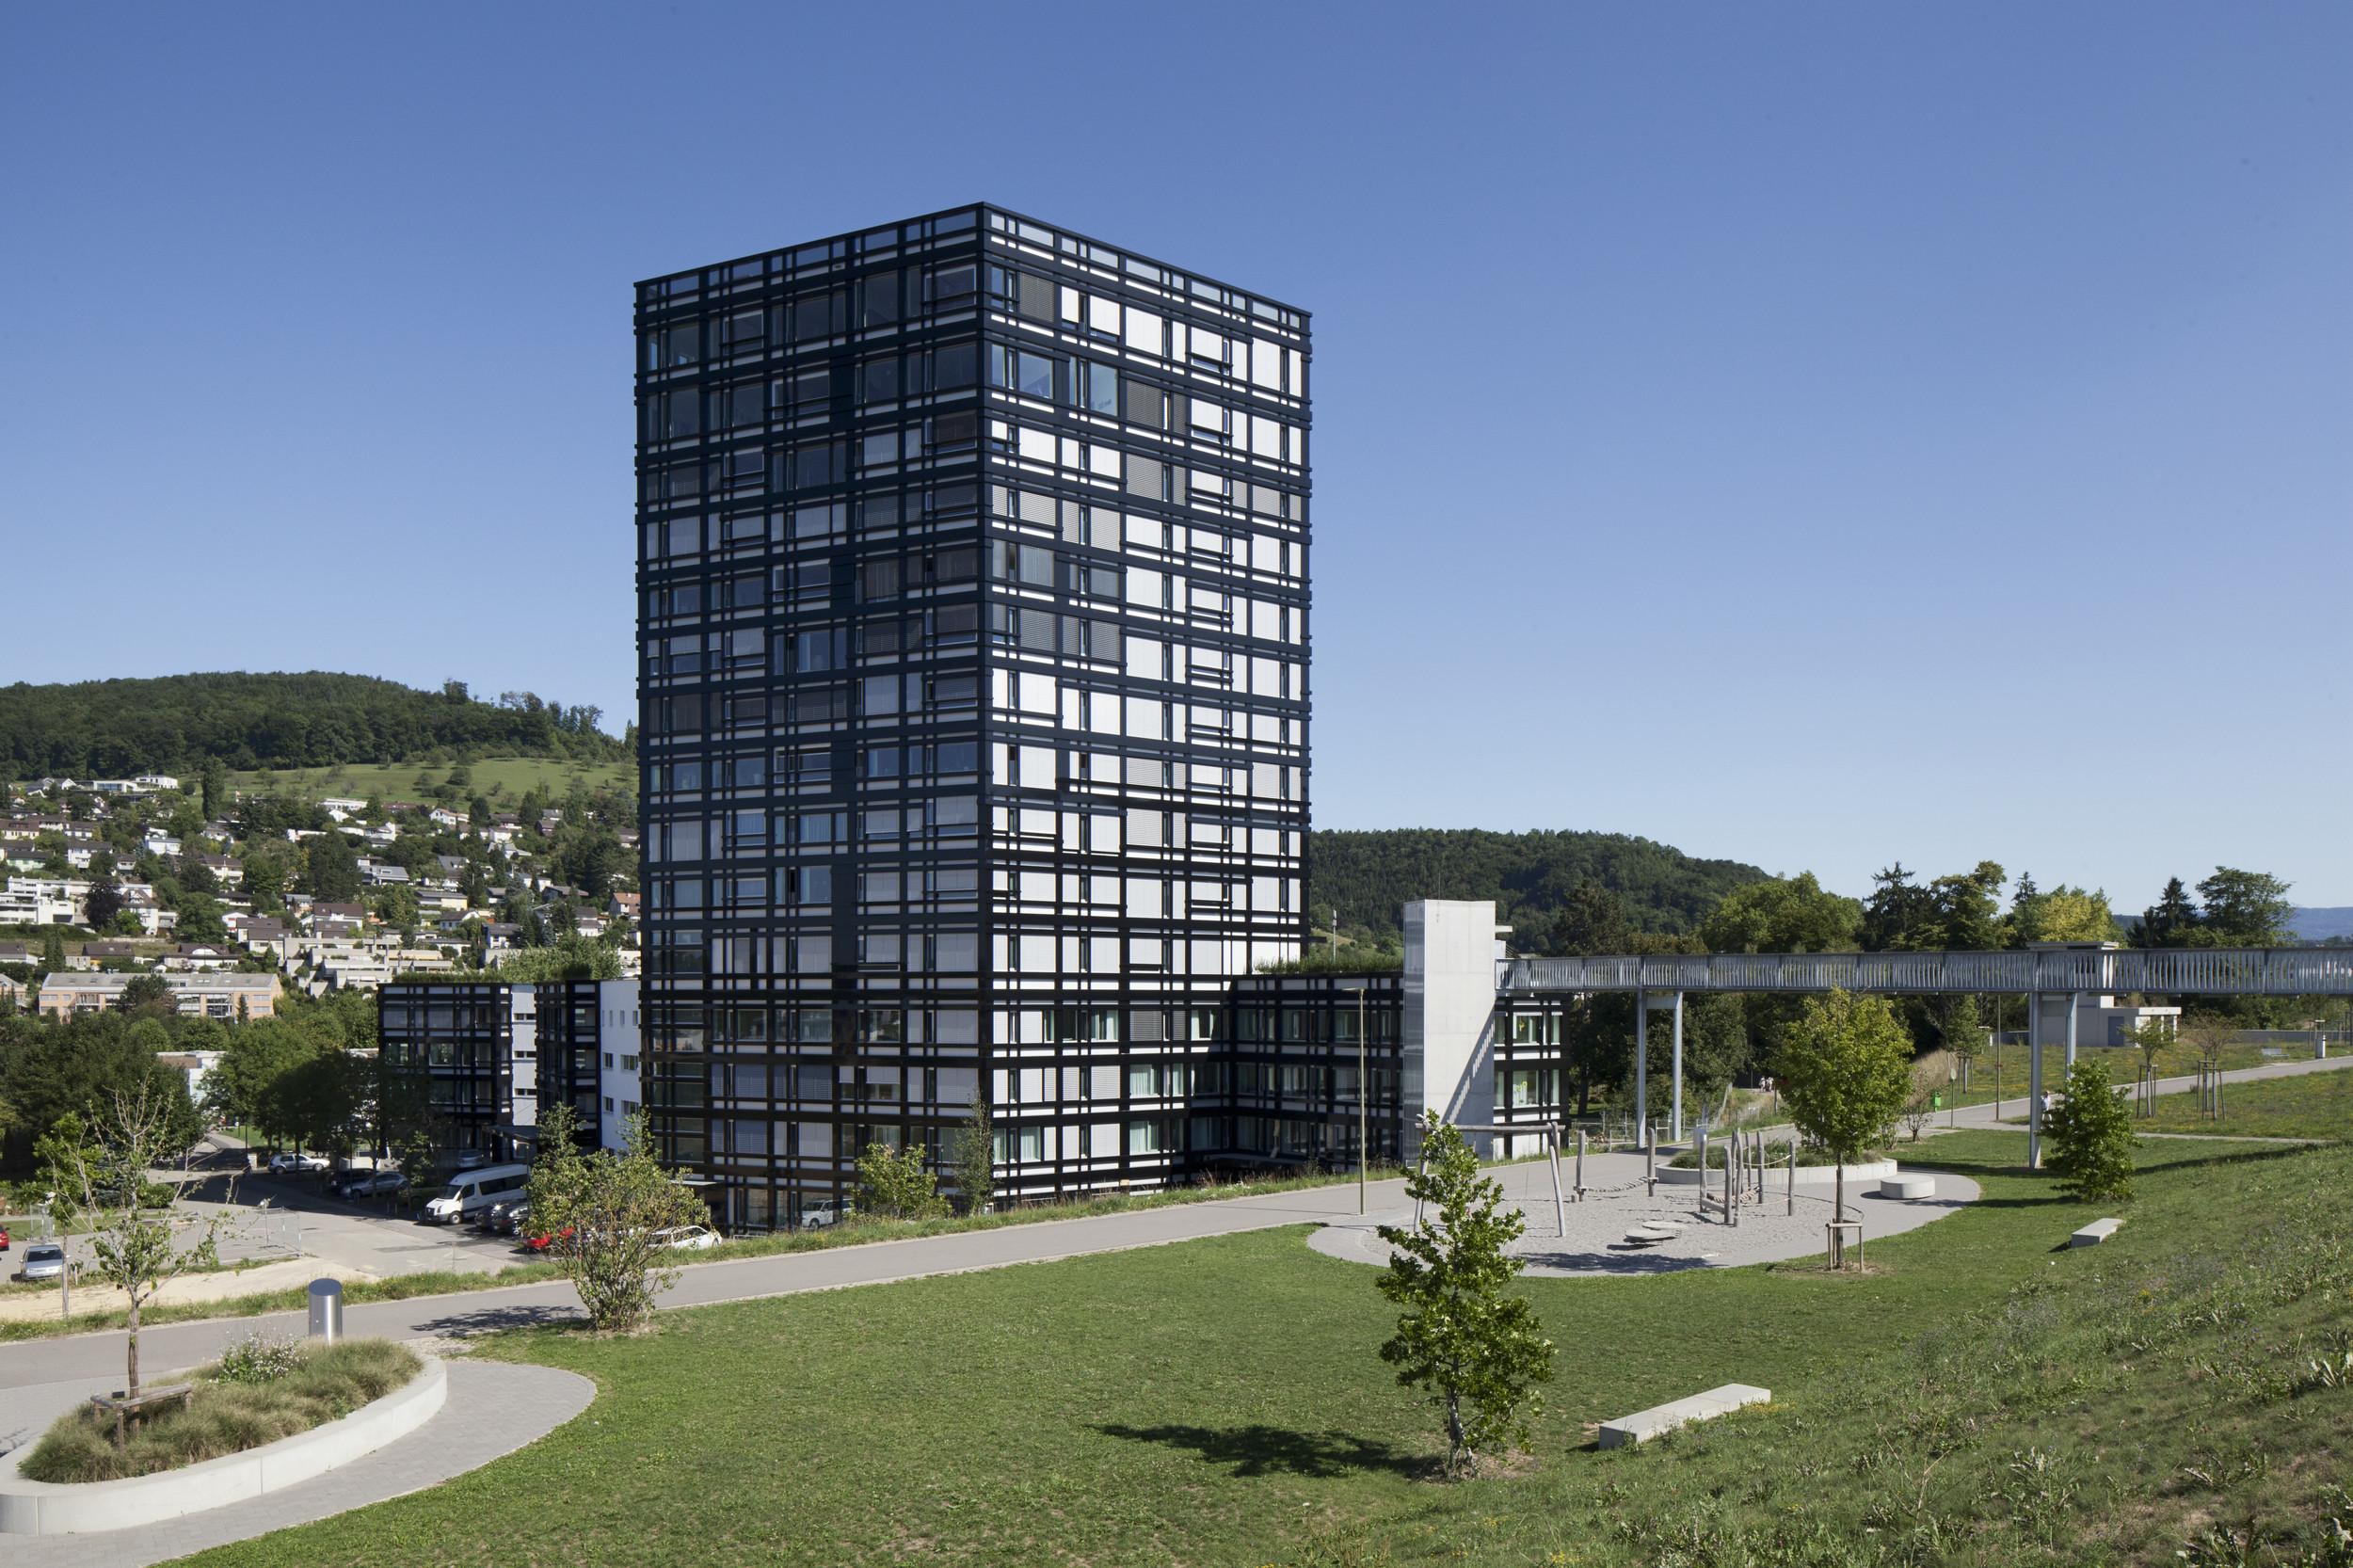 mehrgeschossiges Gebäude mit grosszügiger Fensteranzahl und schwarzer Fassade